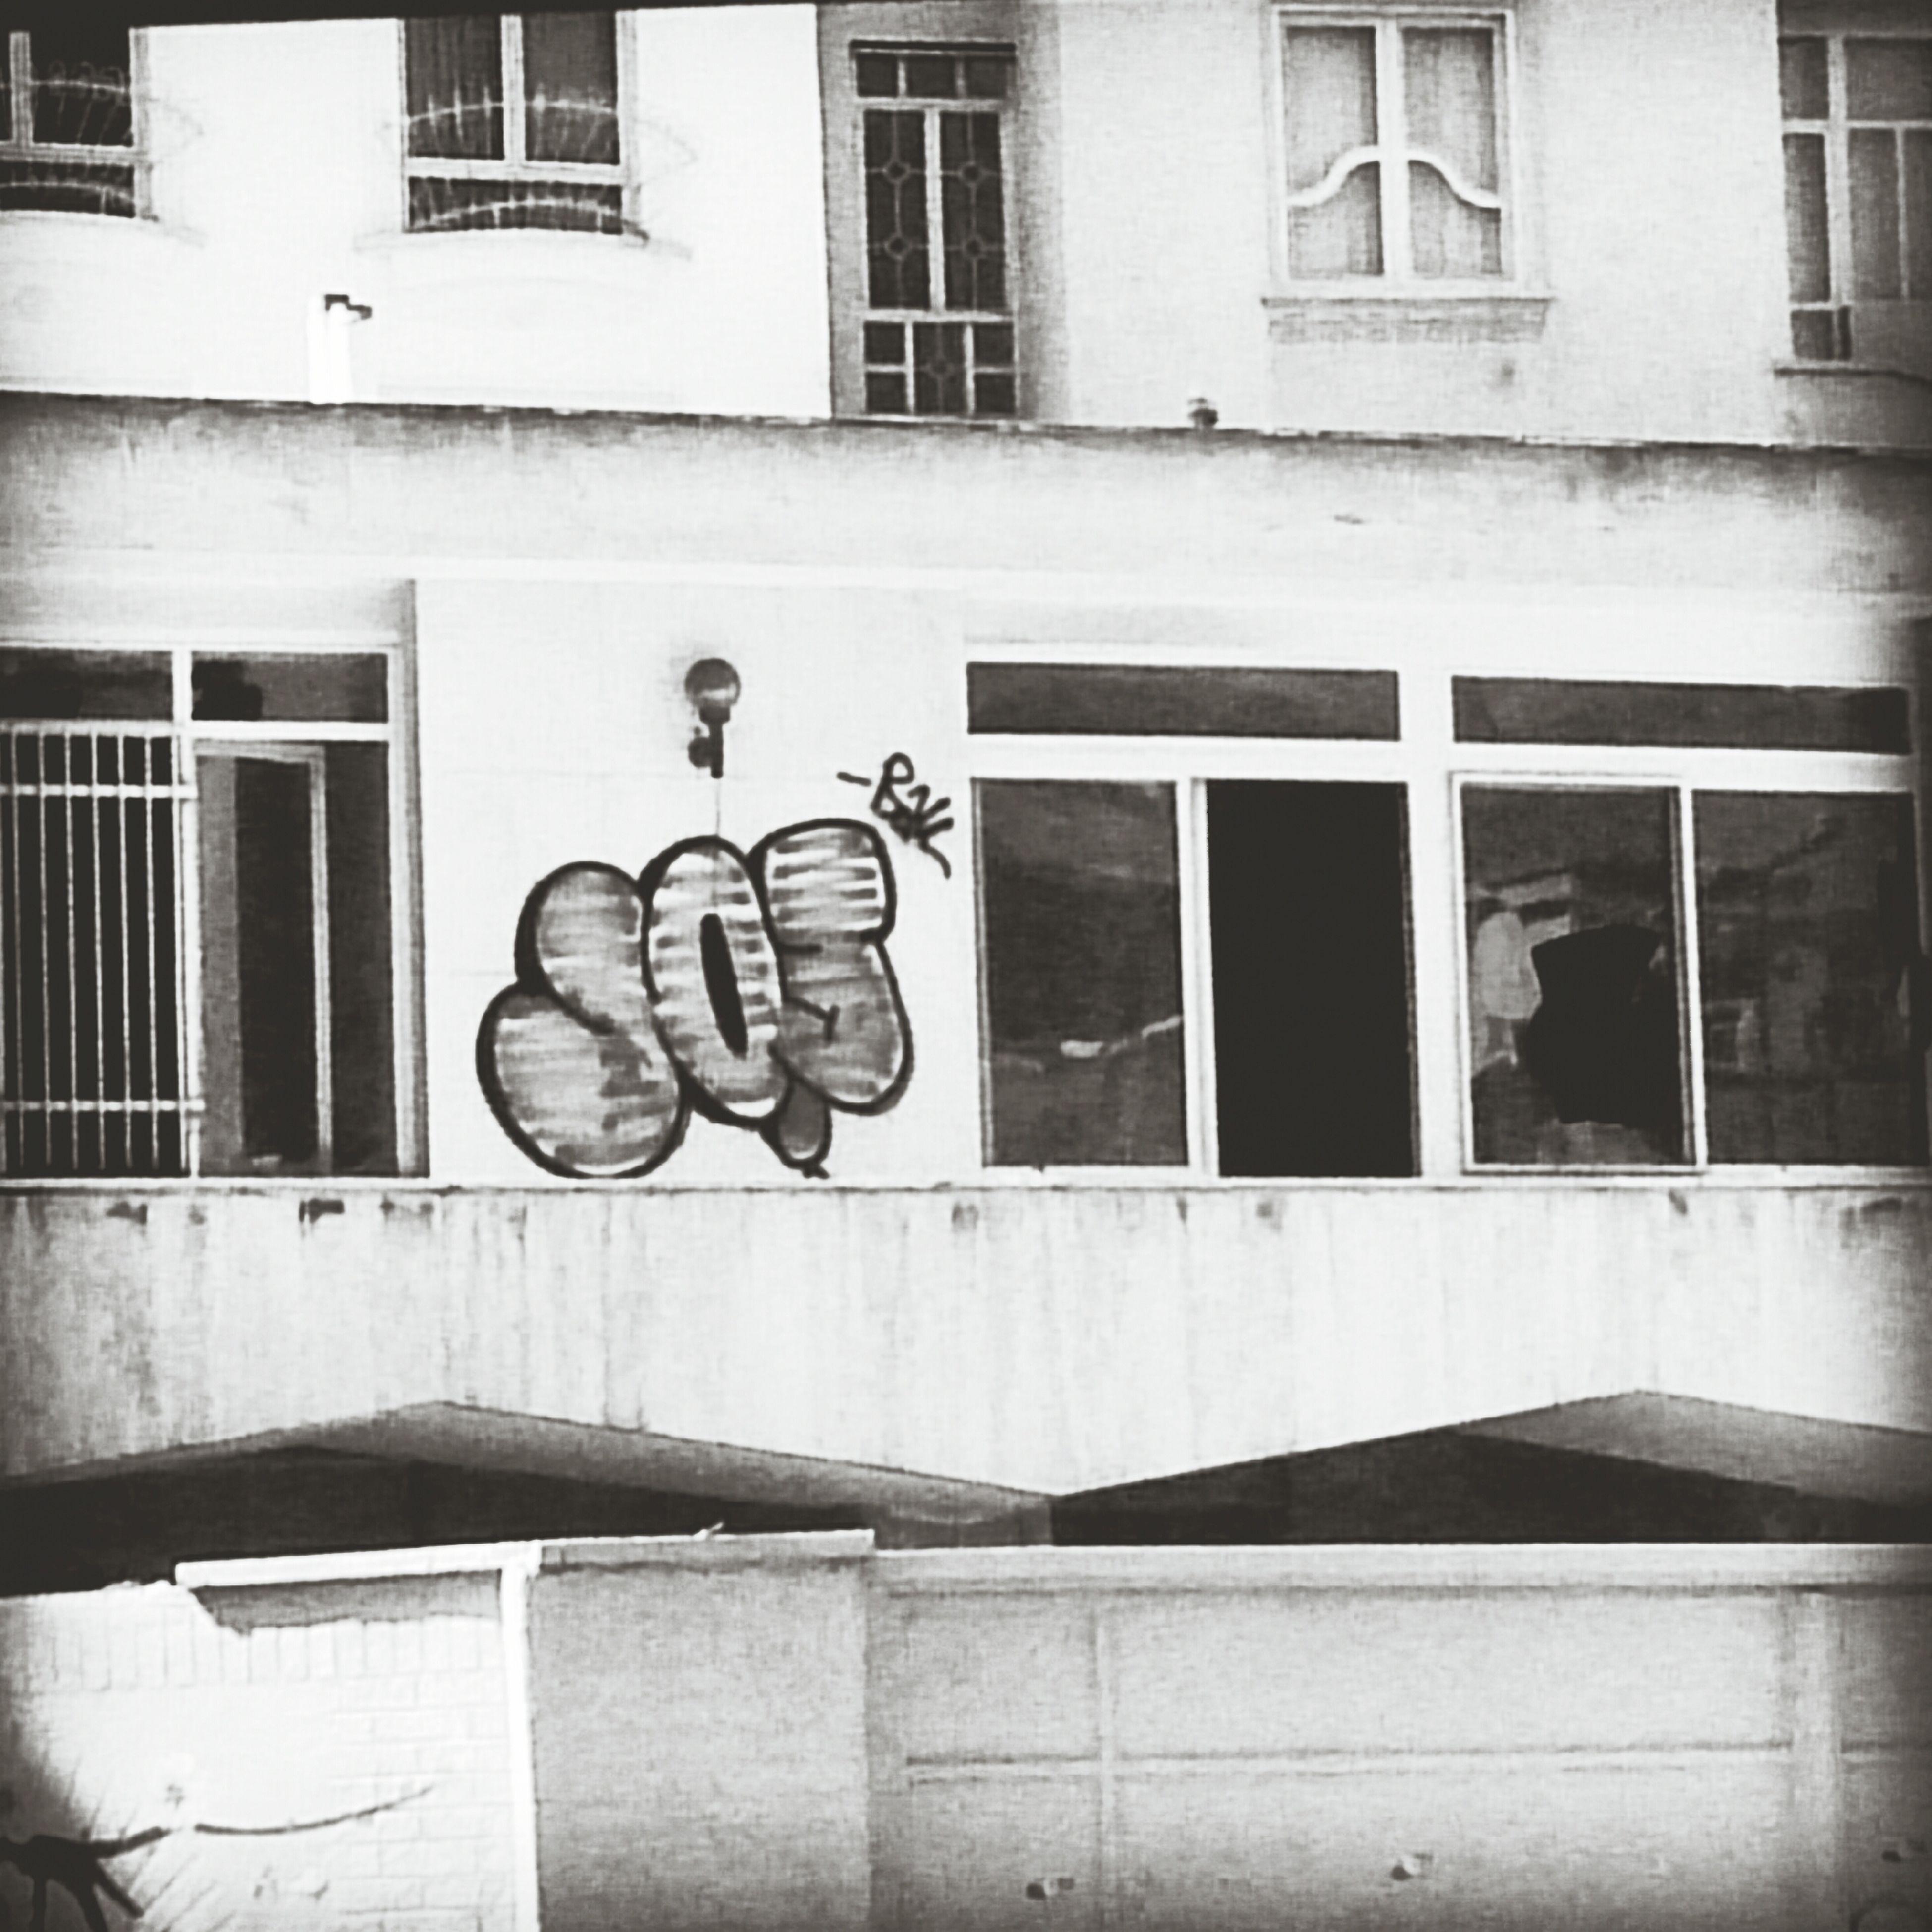 Sos Help Graffiti